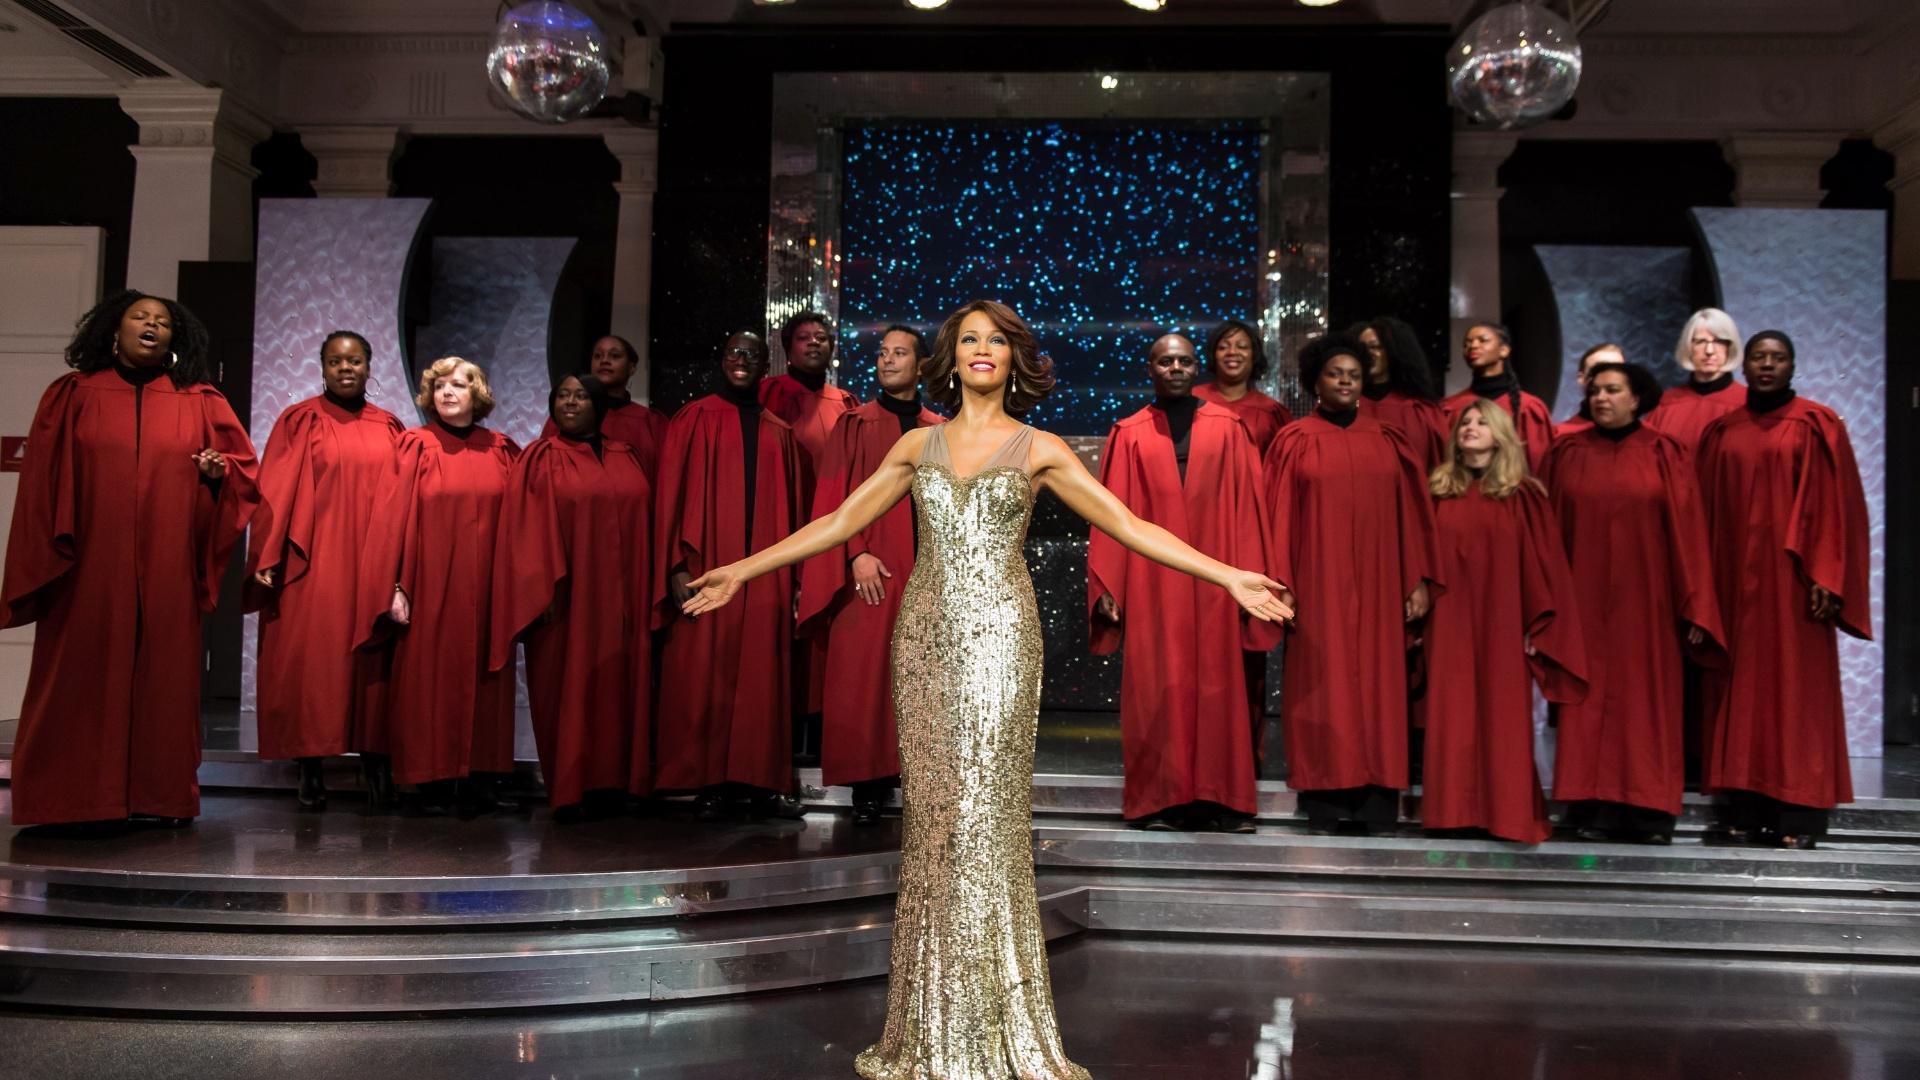 21.out.2013 - Whitney Houston ganha estátua de cera no museu Madame Tussauds de Londres. Para a inauguração da figura, os coristas do London Gospel Factory Choir foram convidados a cantar. A artista morreu em 2012, vítima de fogamento acidental devido a doença cardíaca e ao uso de cocaína